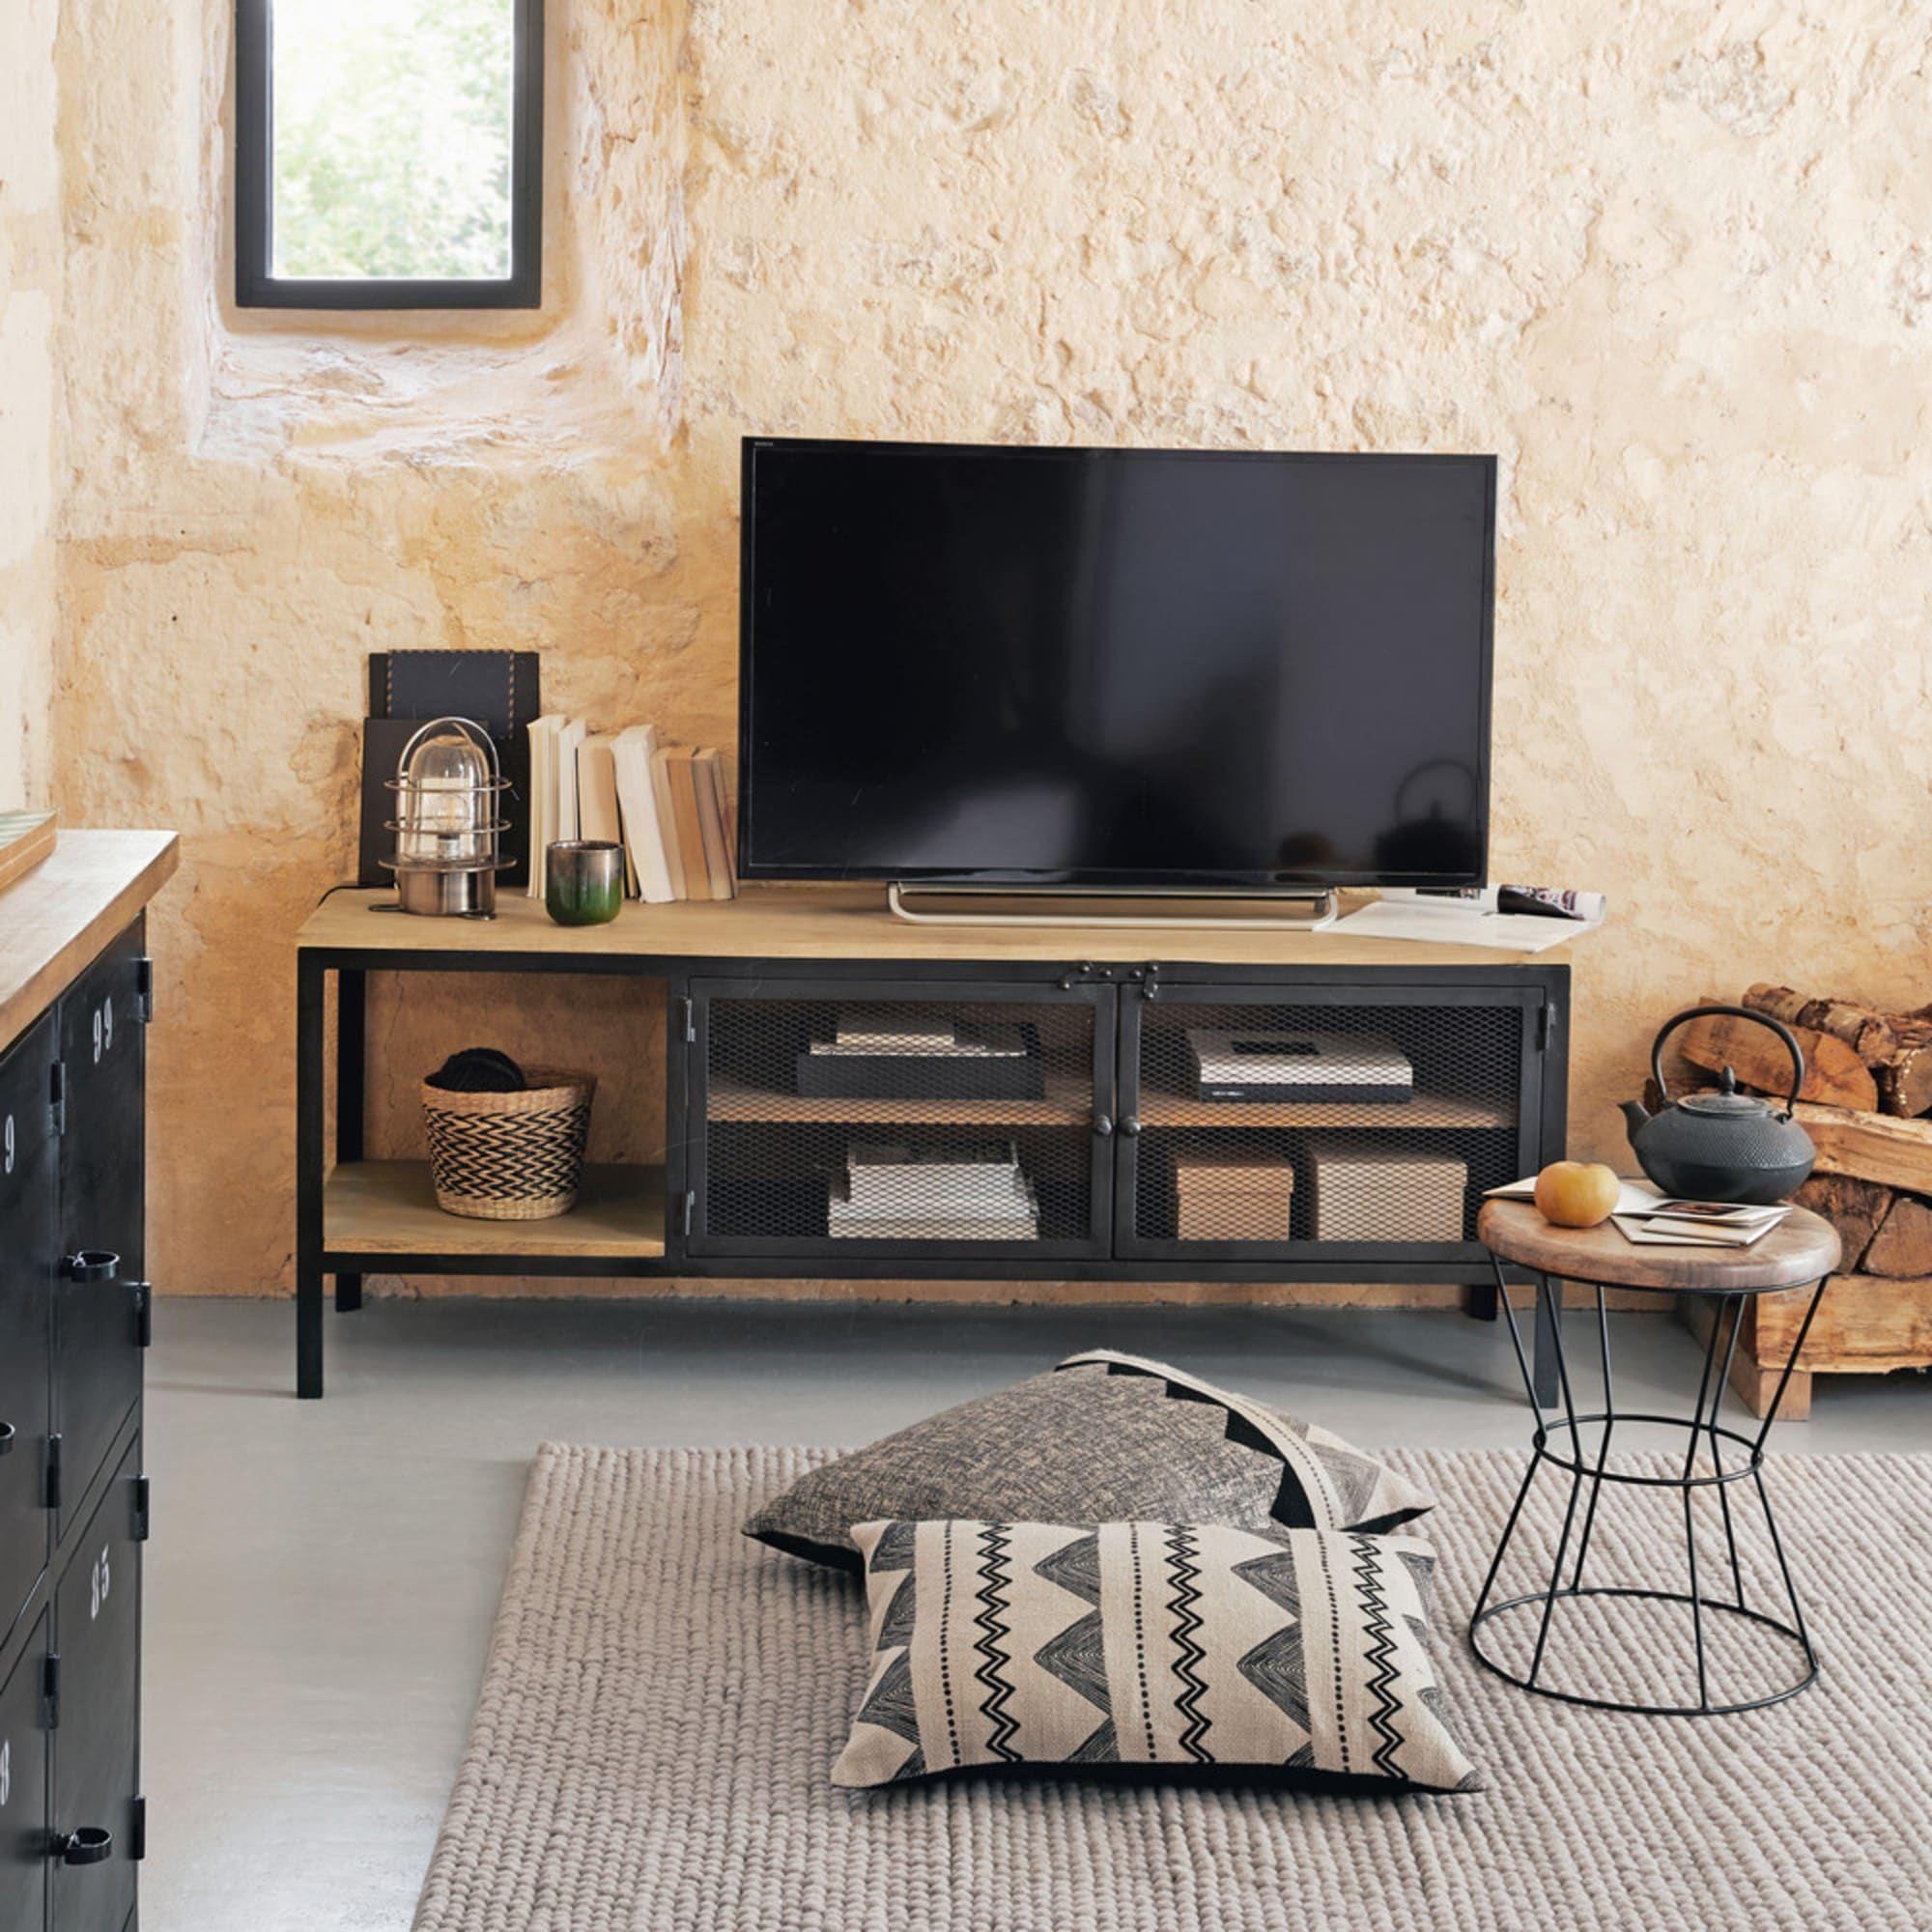 Meuble Tv Indus En Metal Noir Et Manguier Massif Century Maisons Du Monde En 2020 Meuble Tv Indus Meuble Tv Bois Metal Meuble Industriel Maison Du Monde